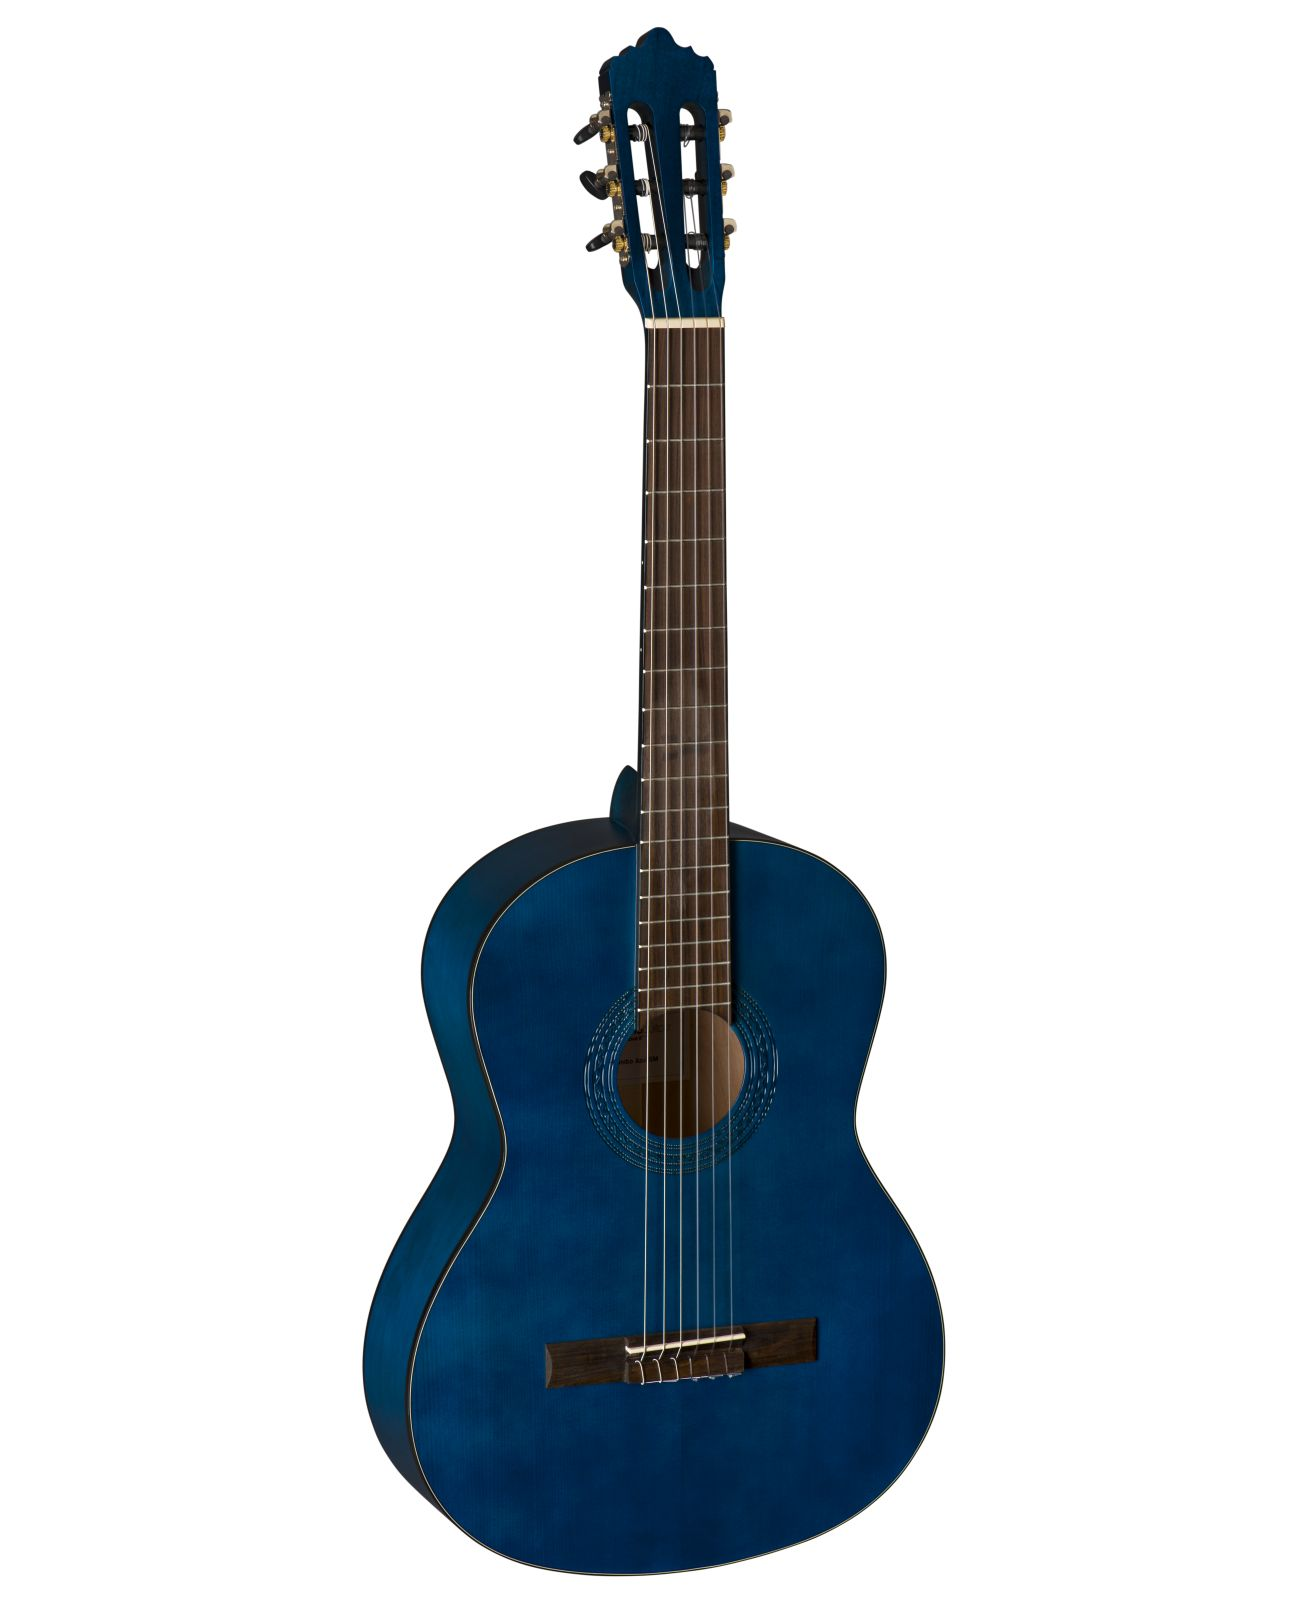 La Mancha Rubinito Azul SM